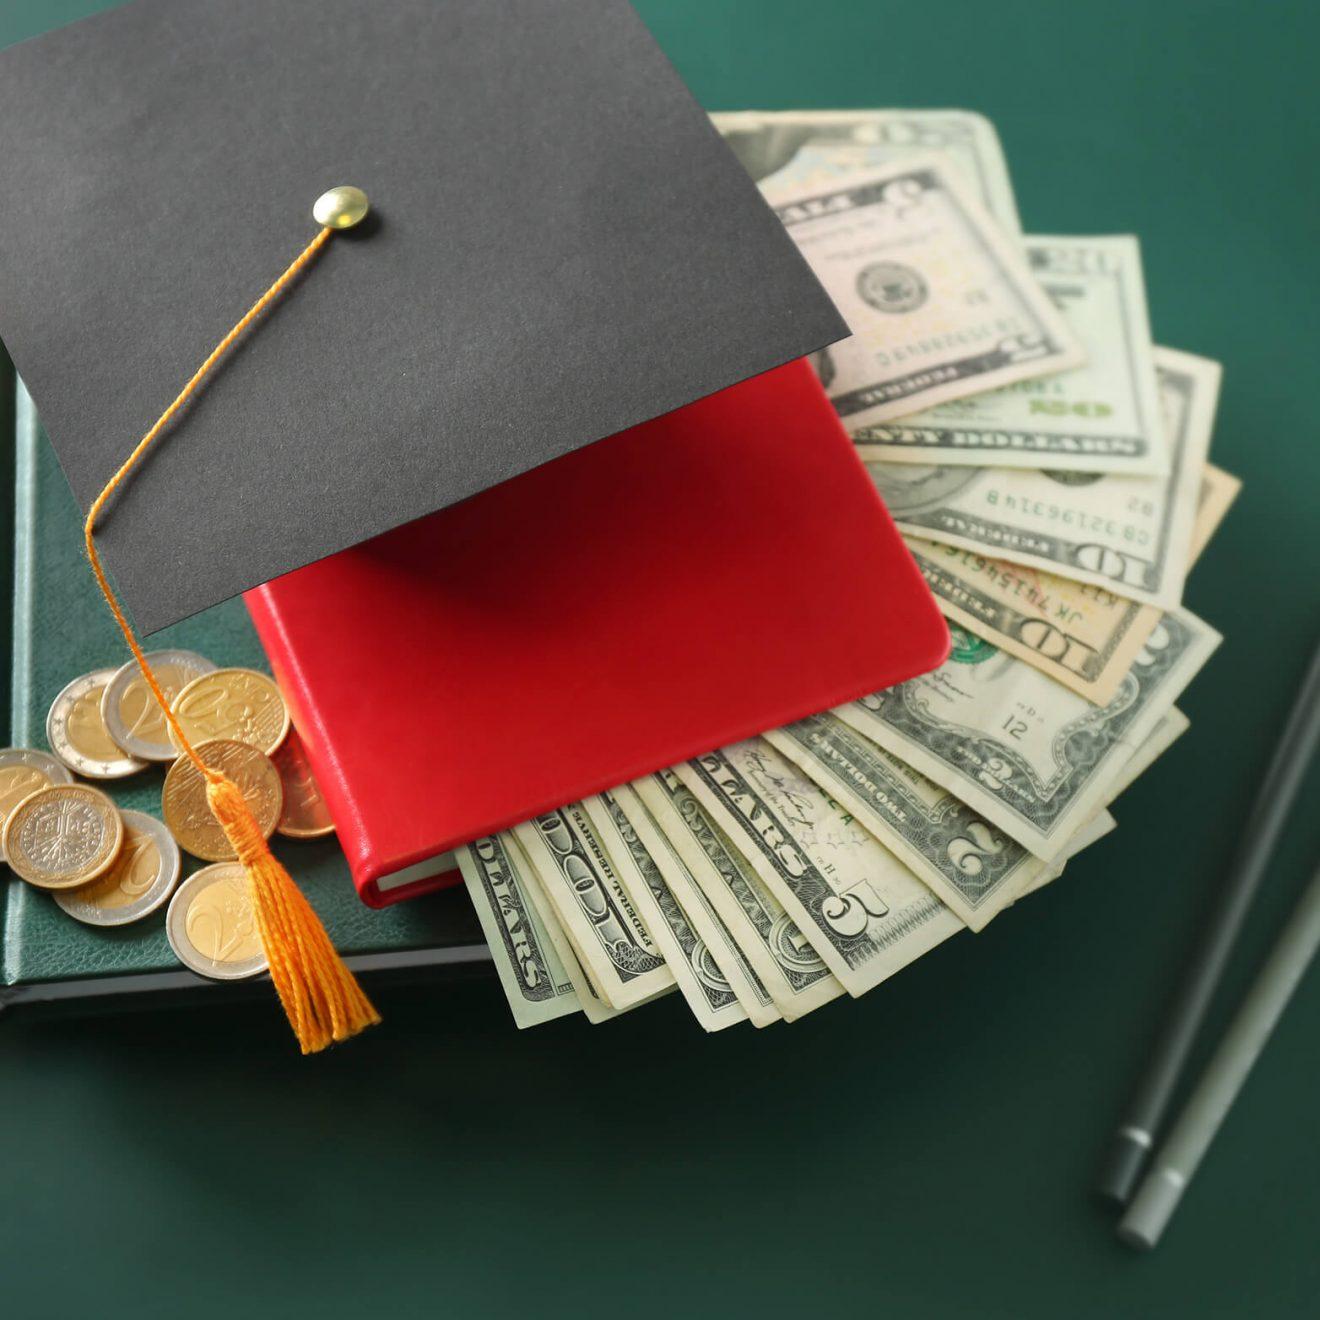 Ley 37, deducción de gastos escolares